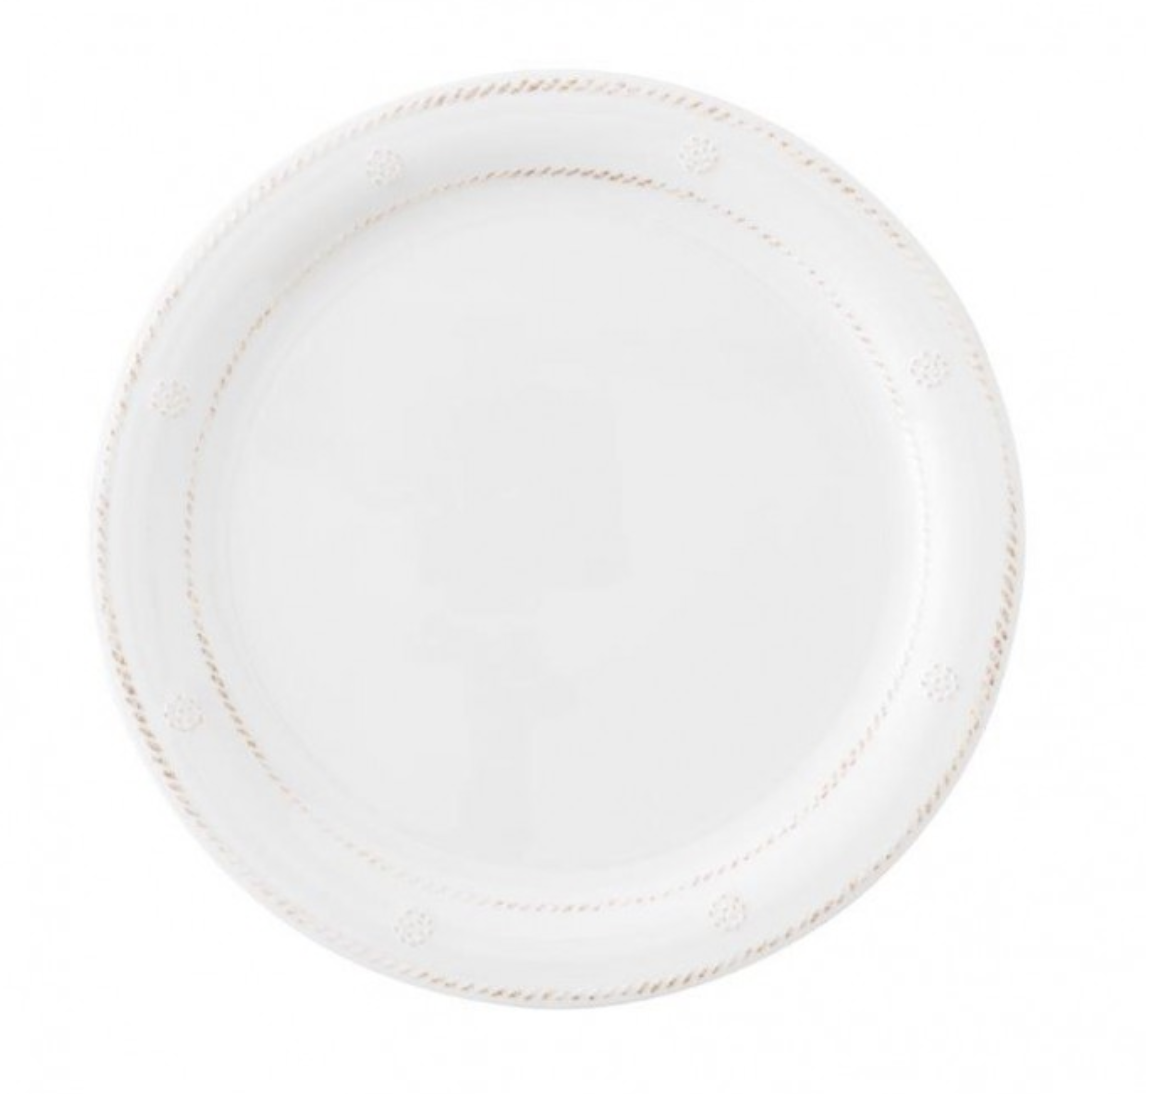 B&T Melamine Dinner Plate #MA01/100